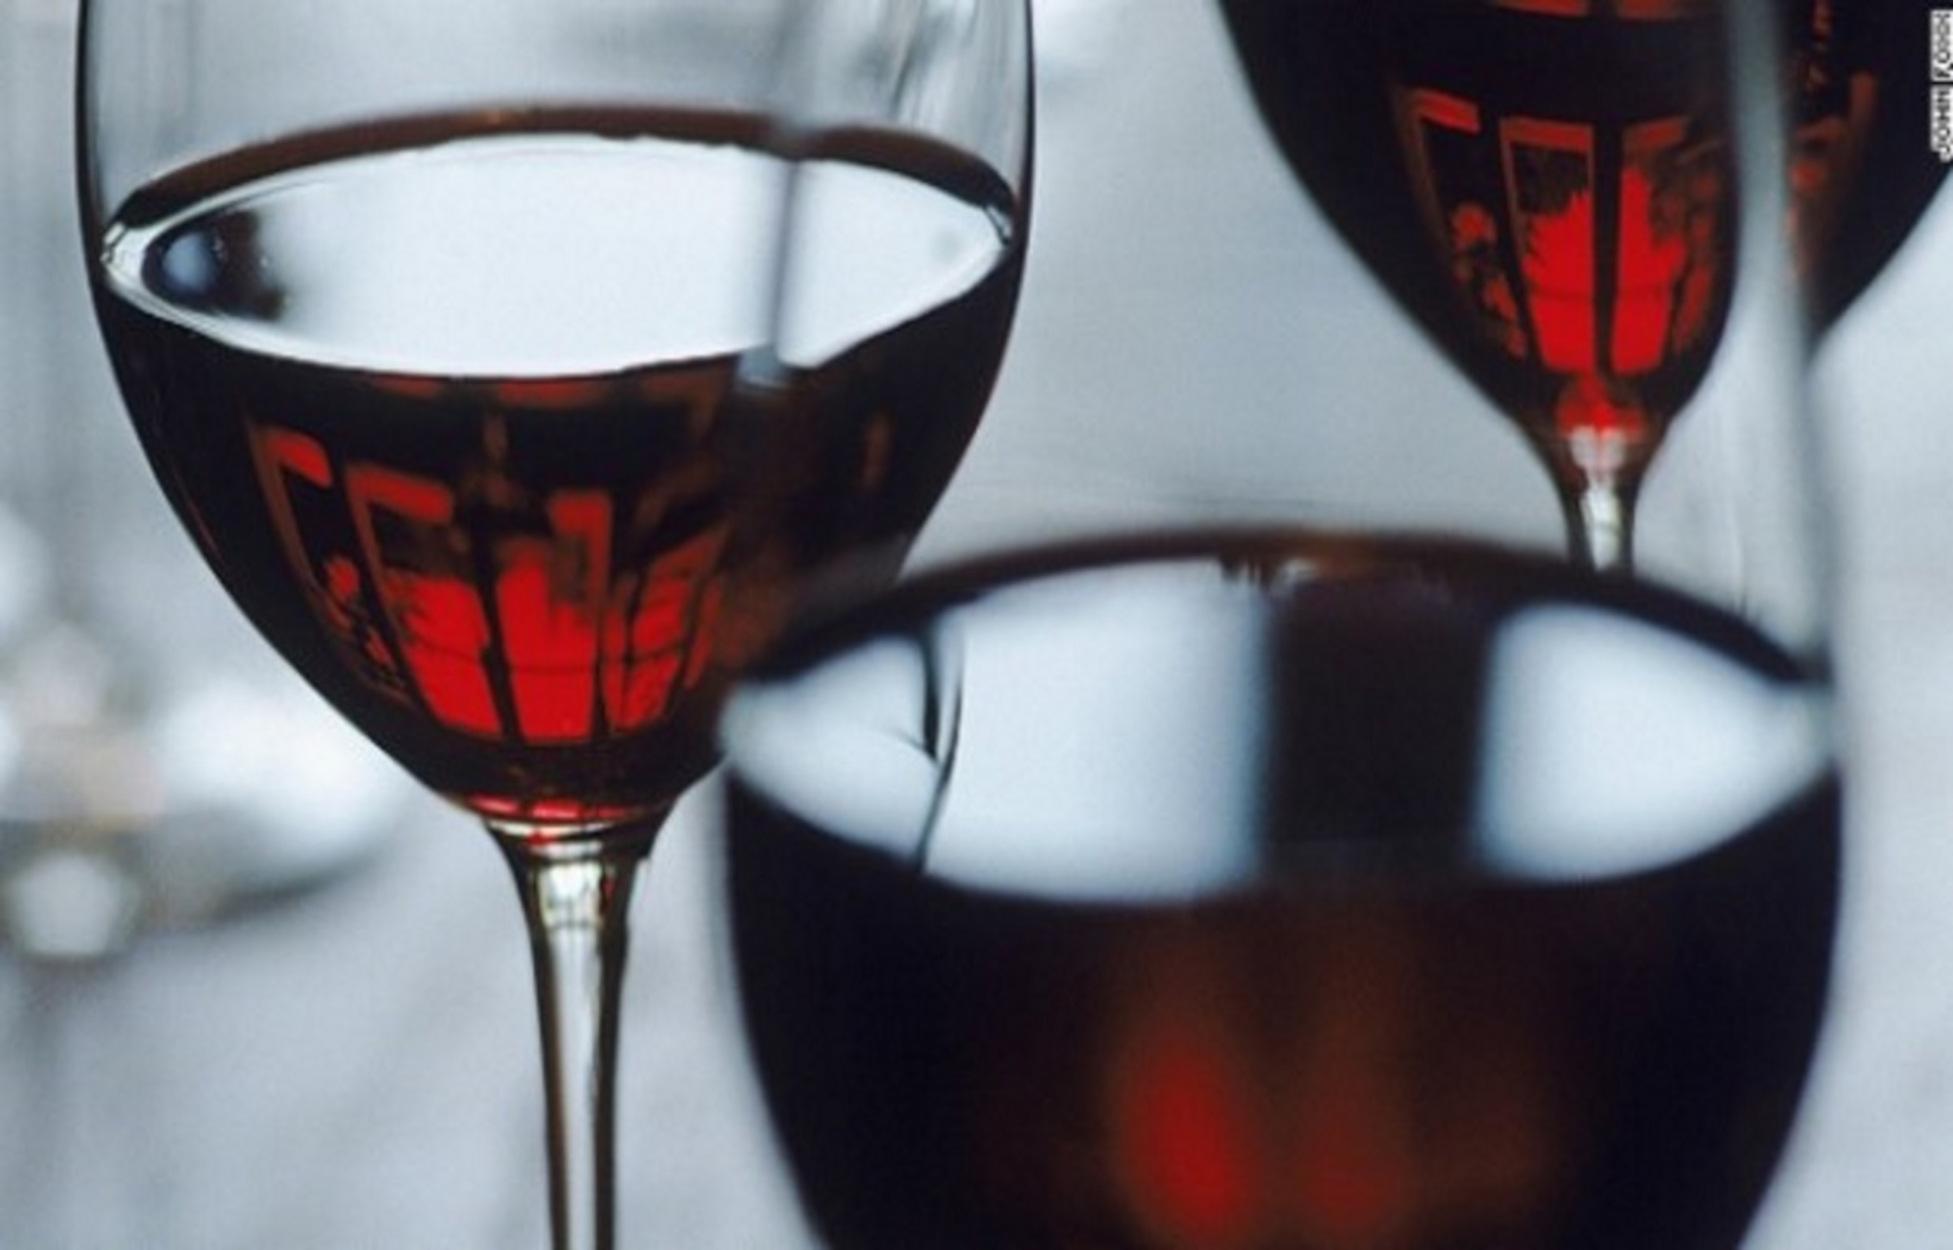 Μακεδονία: Το κρασί «δικτυώνει» την ανατολική Χαλκιδική με το Μπορντό και φέρνει τουρίστες